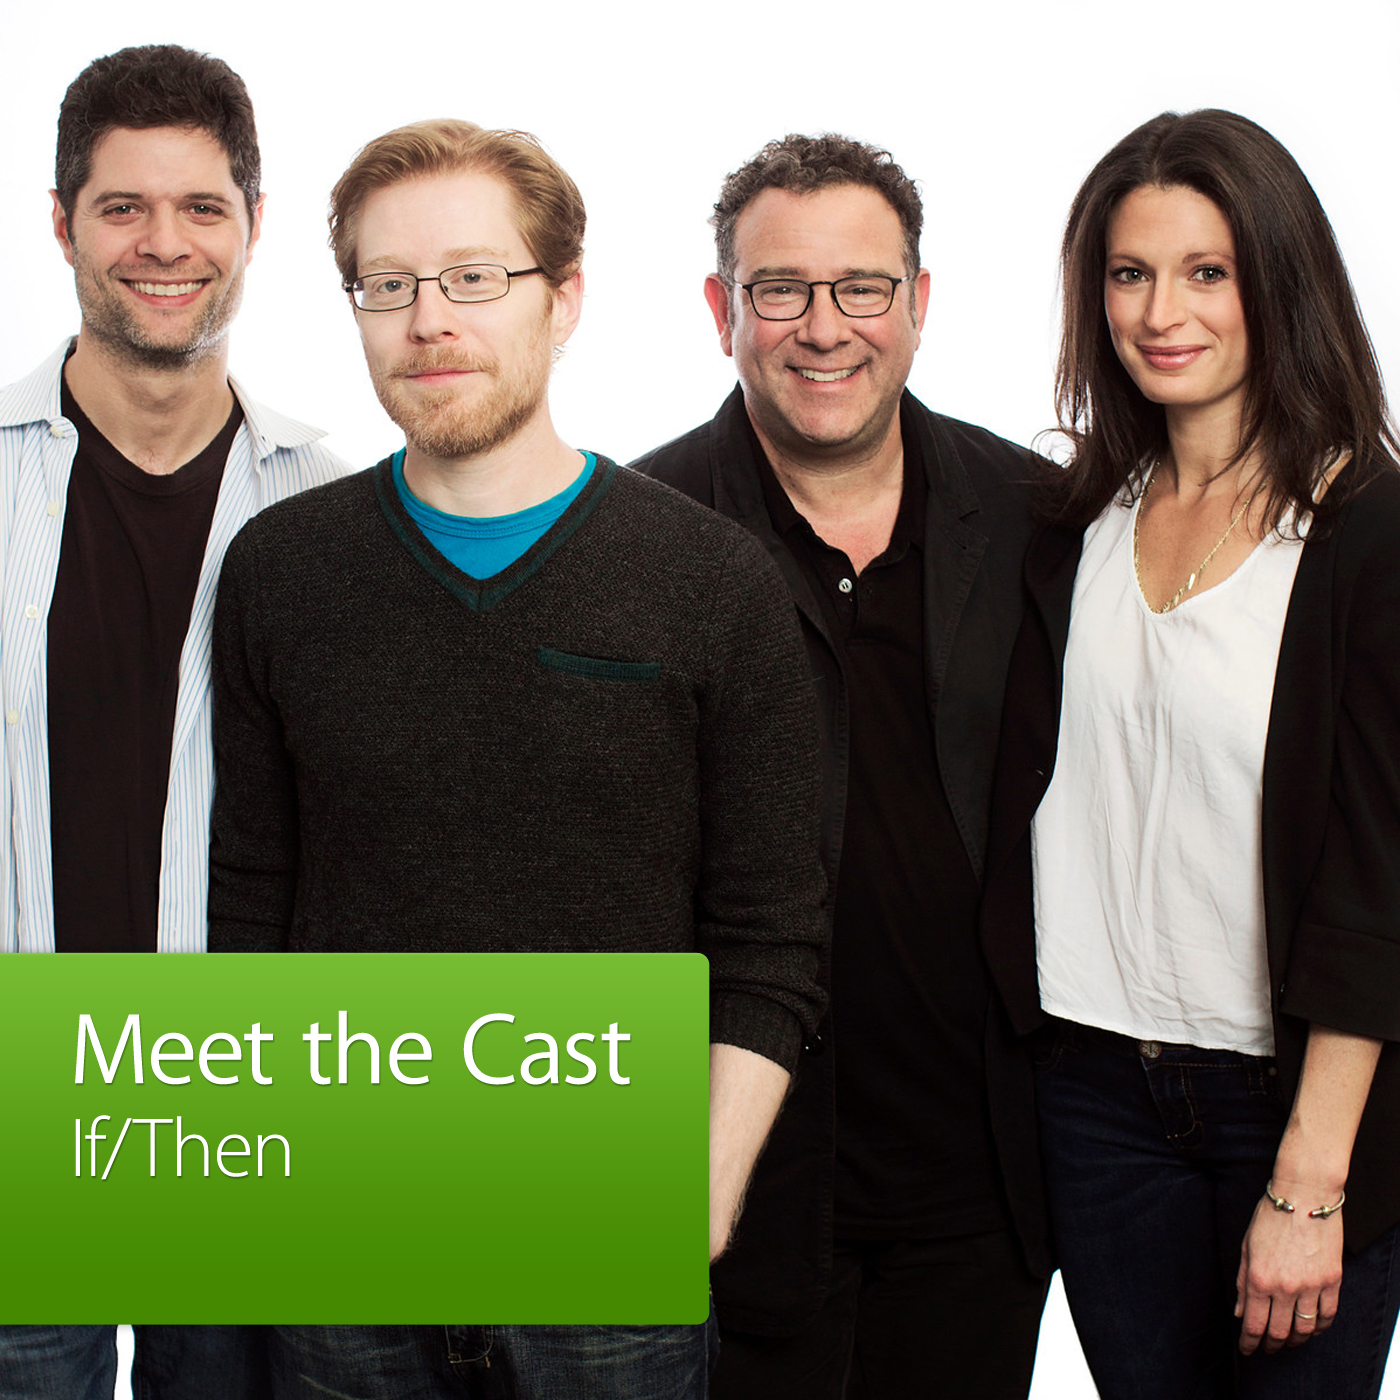 If/Then: Meet the Cast